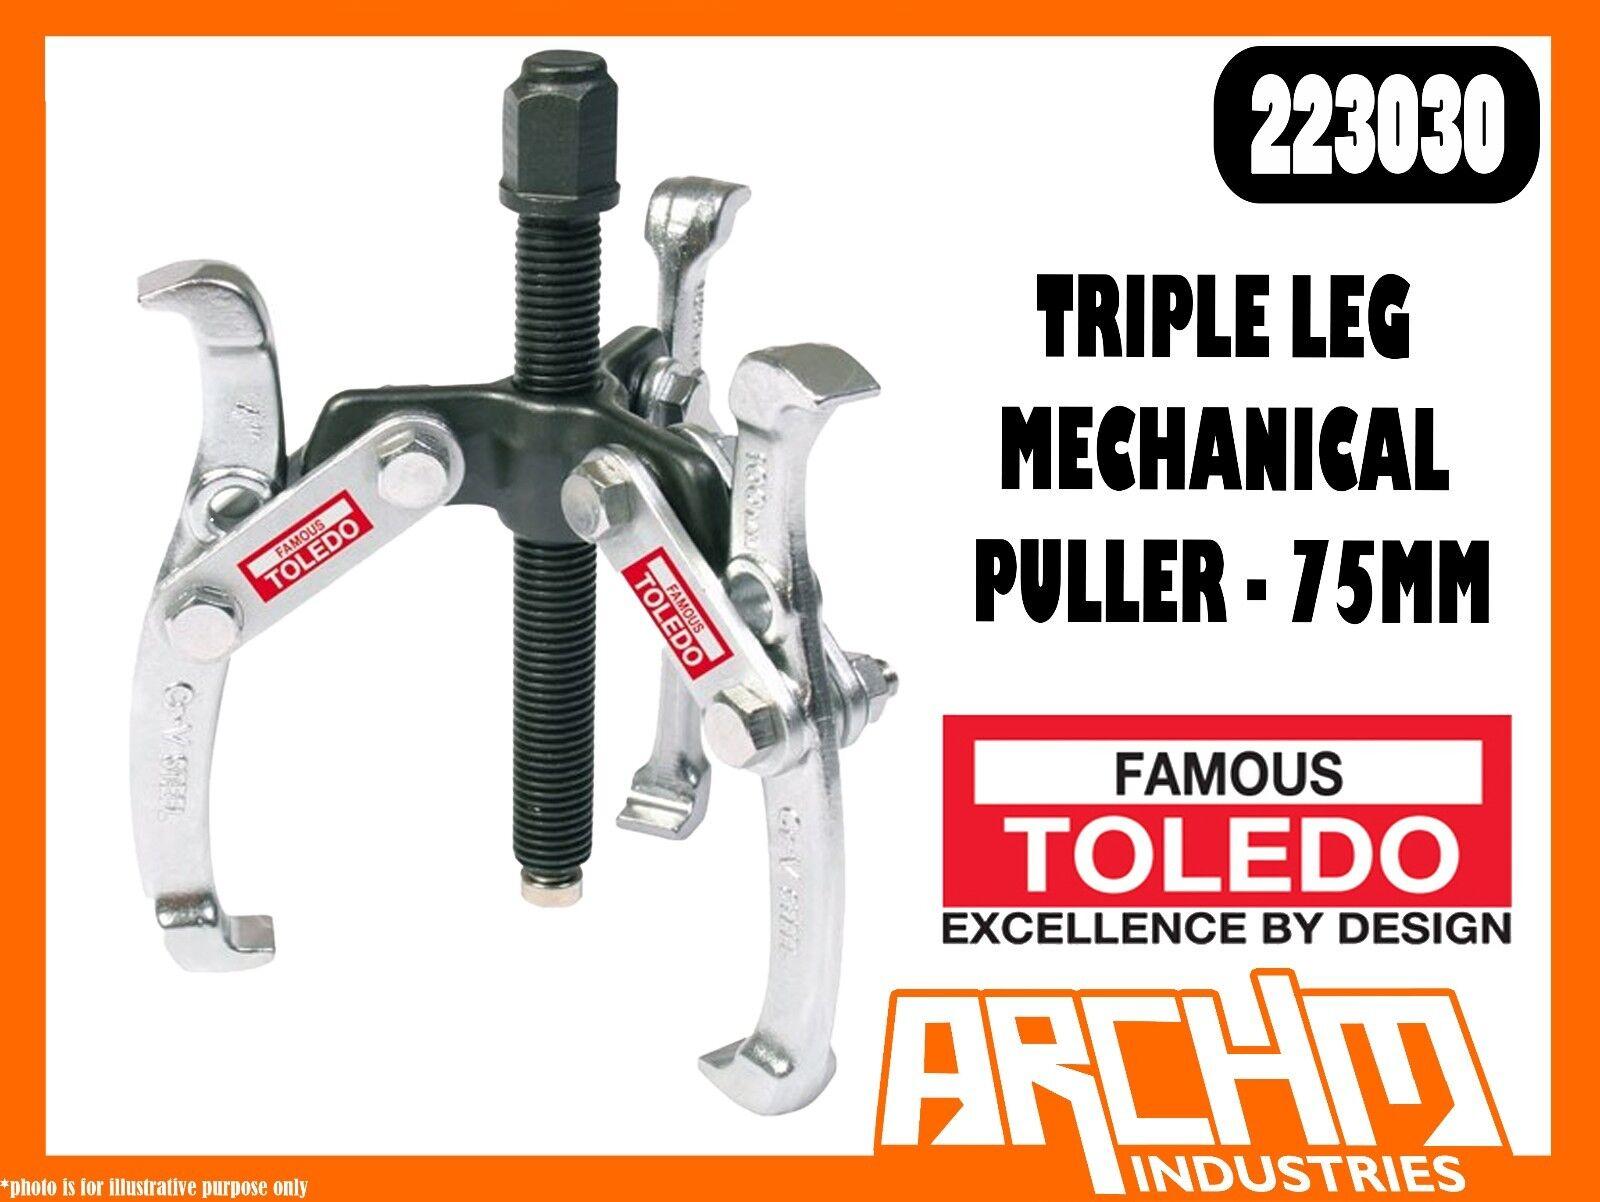 TOLEDO 223030 - TRIPLE LEG MECHANICAL PULLER - 75MM - INTERNAL EXTERNAL 1 TONNE